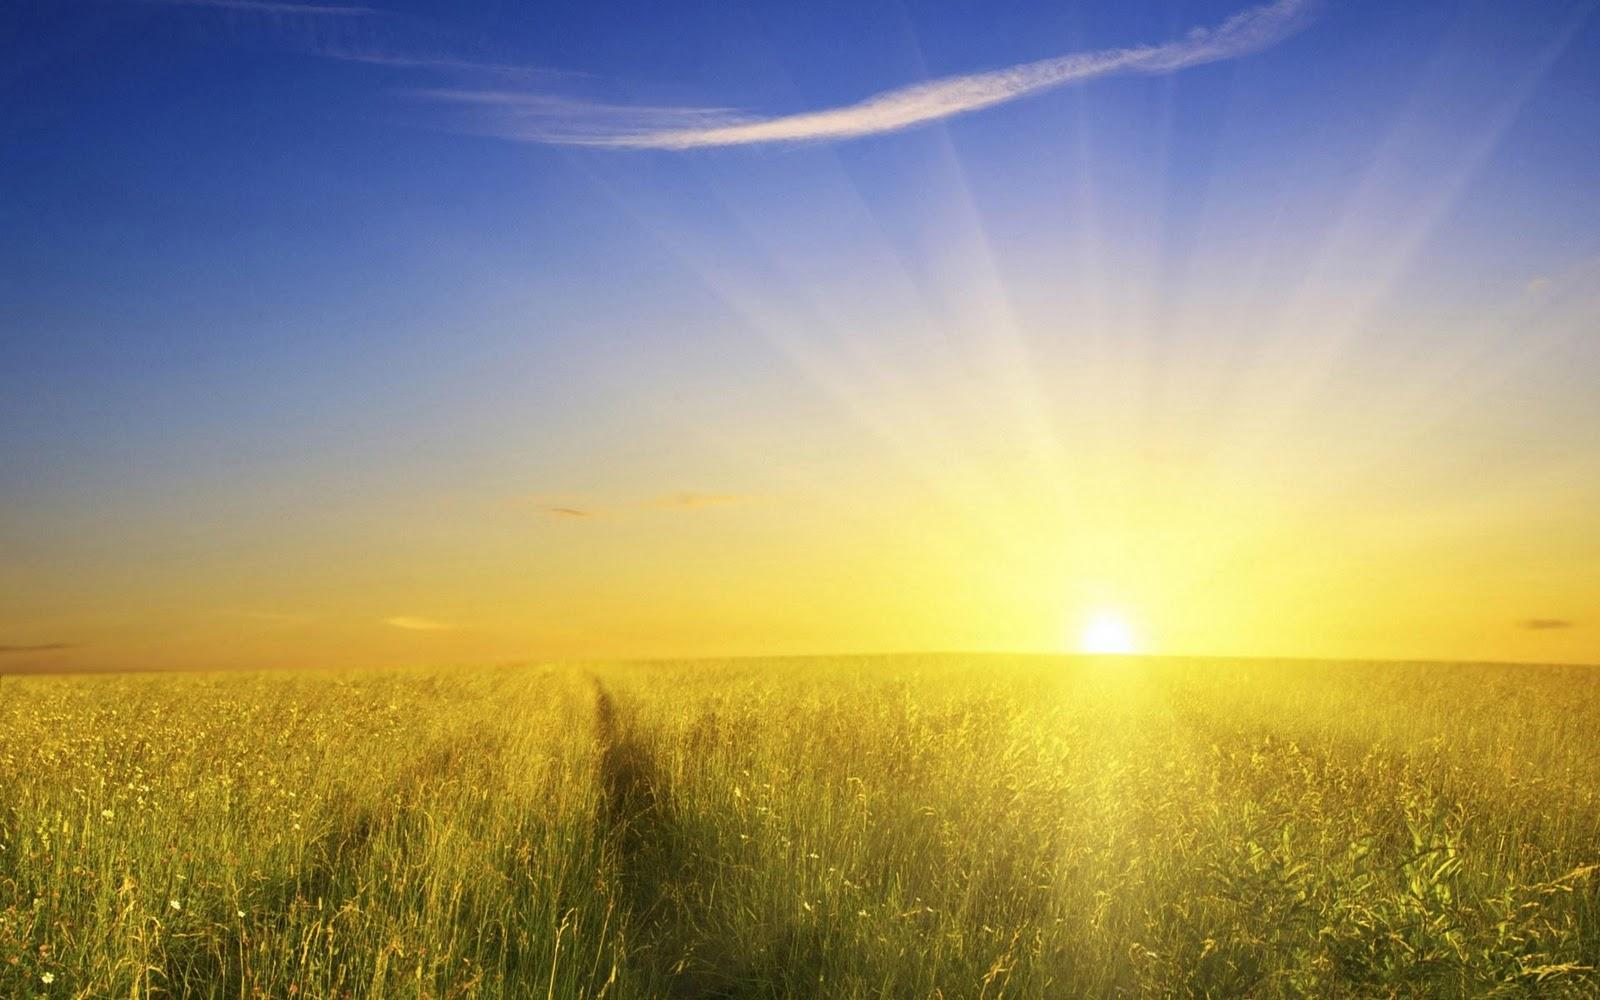 http://3.bp.blogspot.com/-uyOUYW03C08/Tq0m8hc4ViI/AAAAAAAAAgE/jyOign6gDwg/s1600/sunshine-wallpaper_1920x1200.jpg